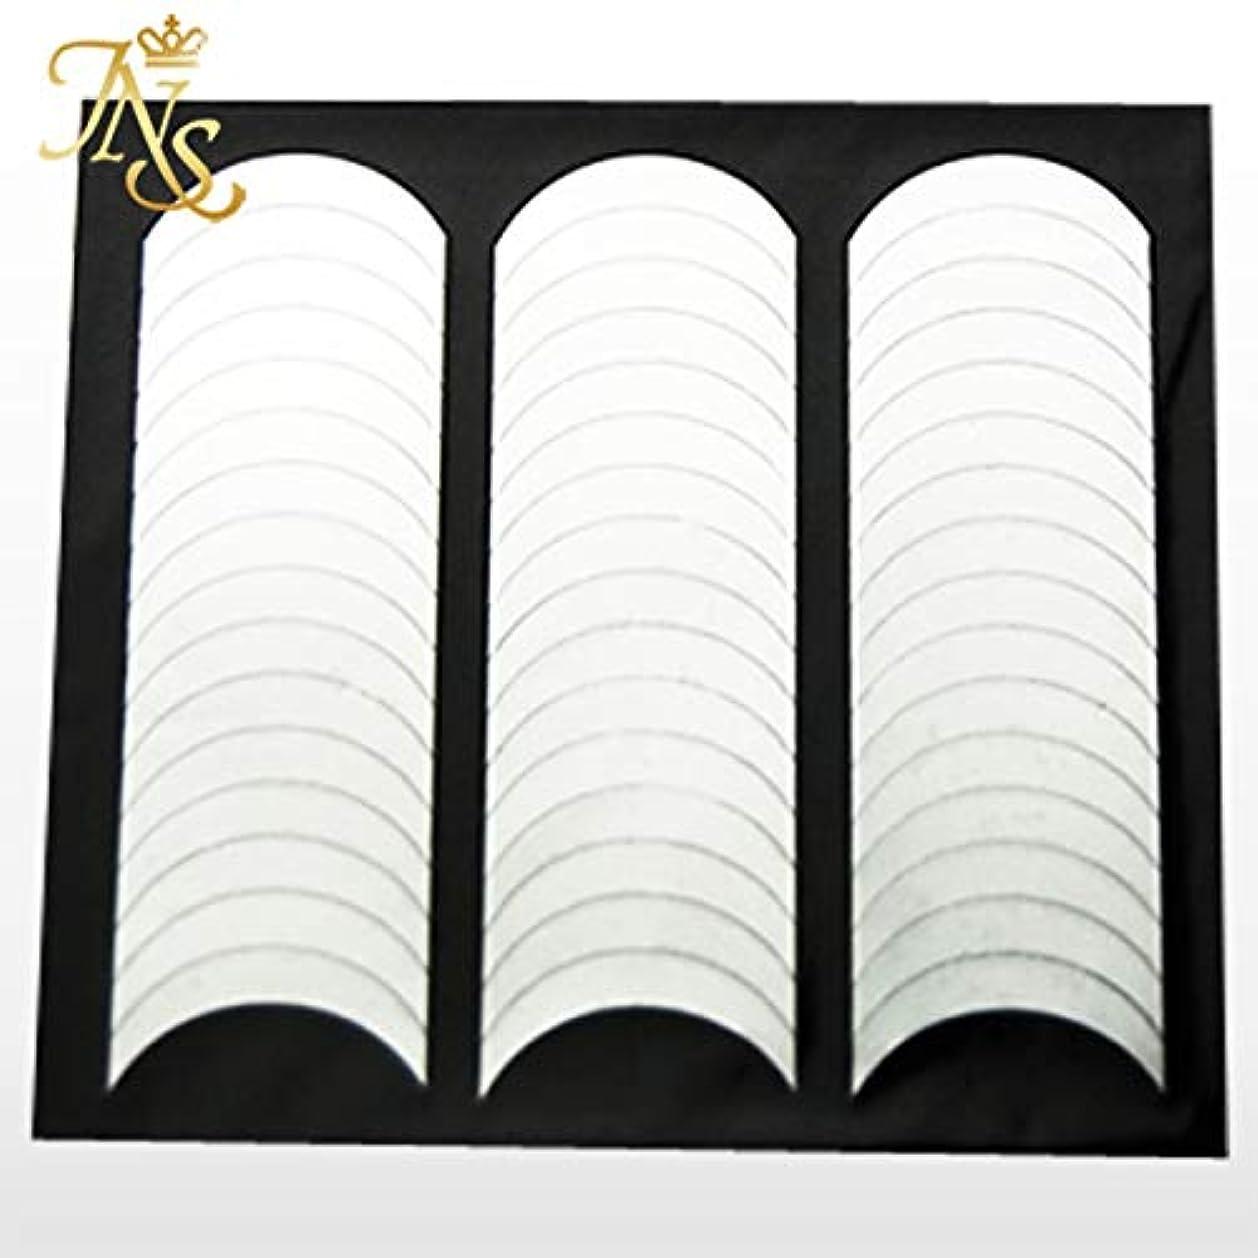 ジェットバウンスバーベキューフレンチネイル ガイド テープ シール 144枚セット